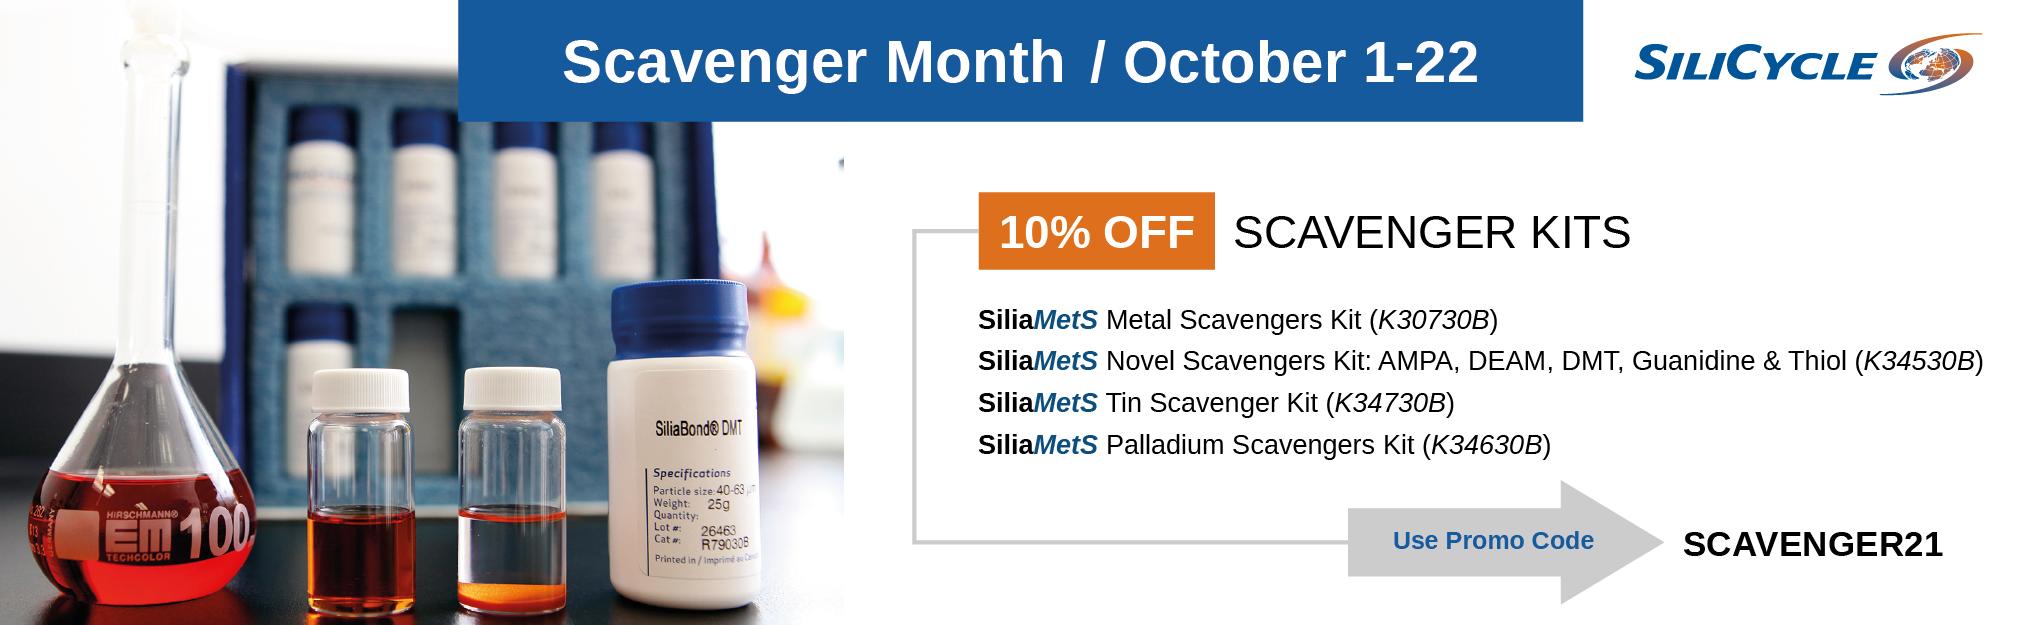 Scavenger Month - October 2021